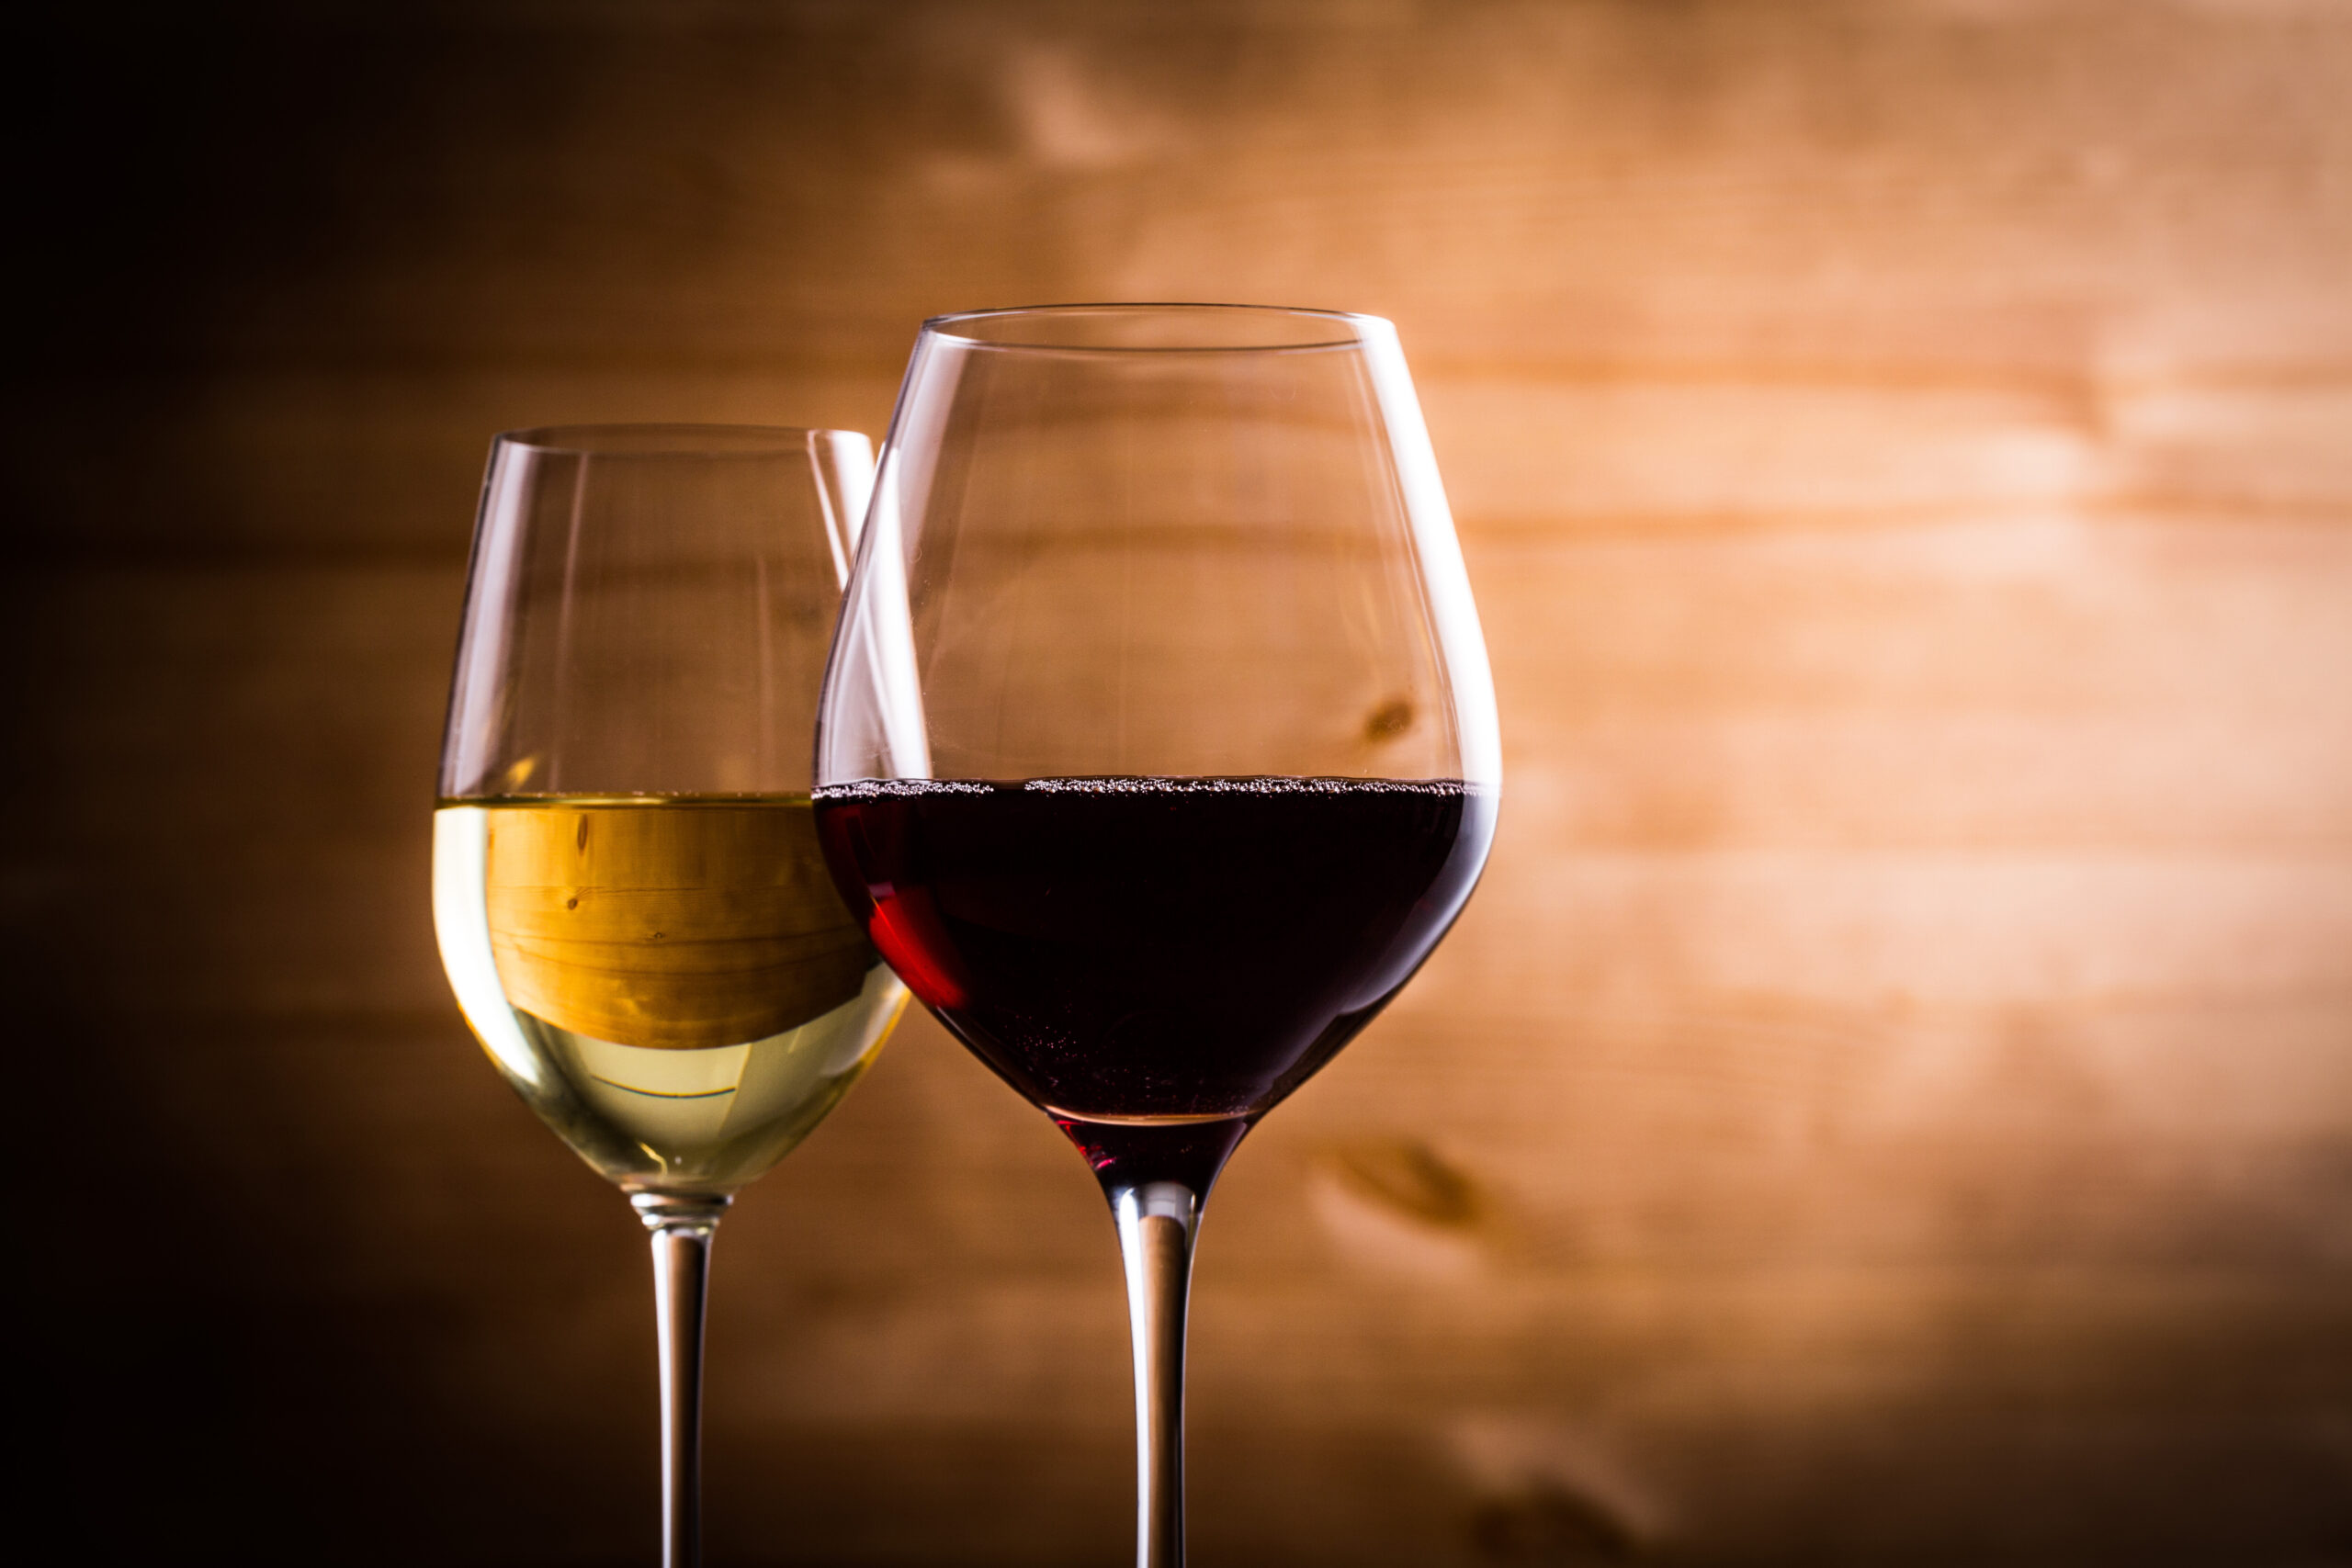 日本でブルゴーニュワインが人気の理由